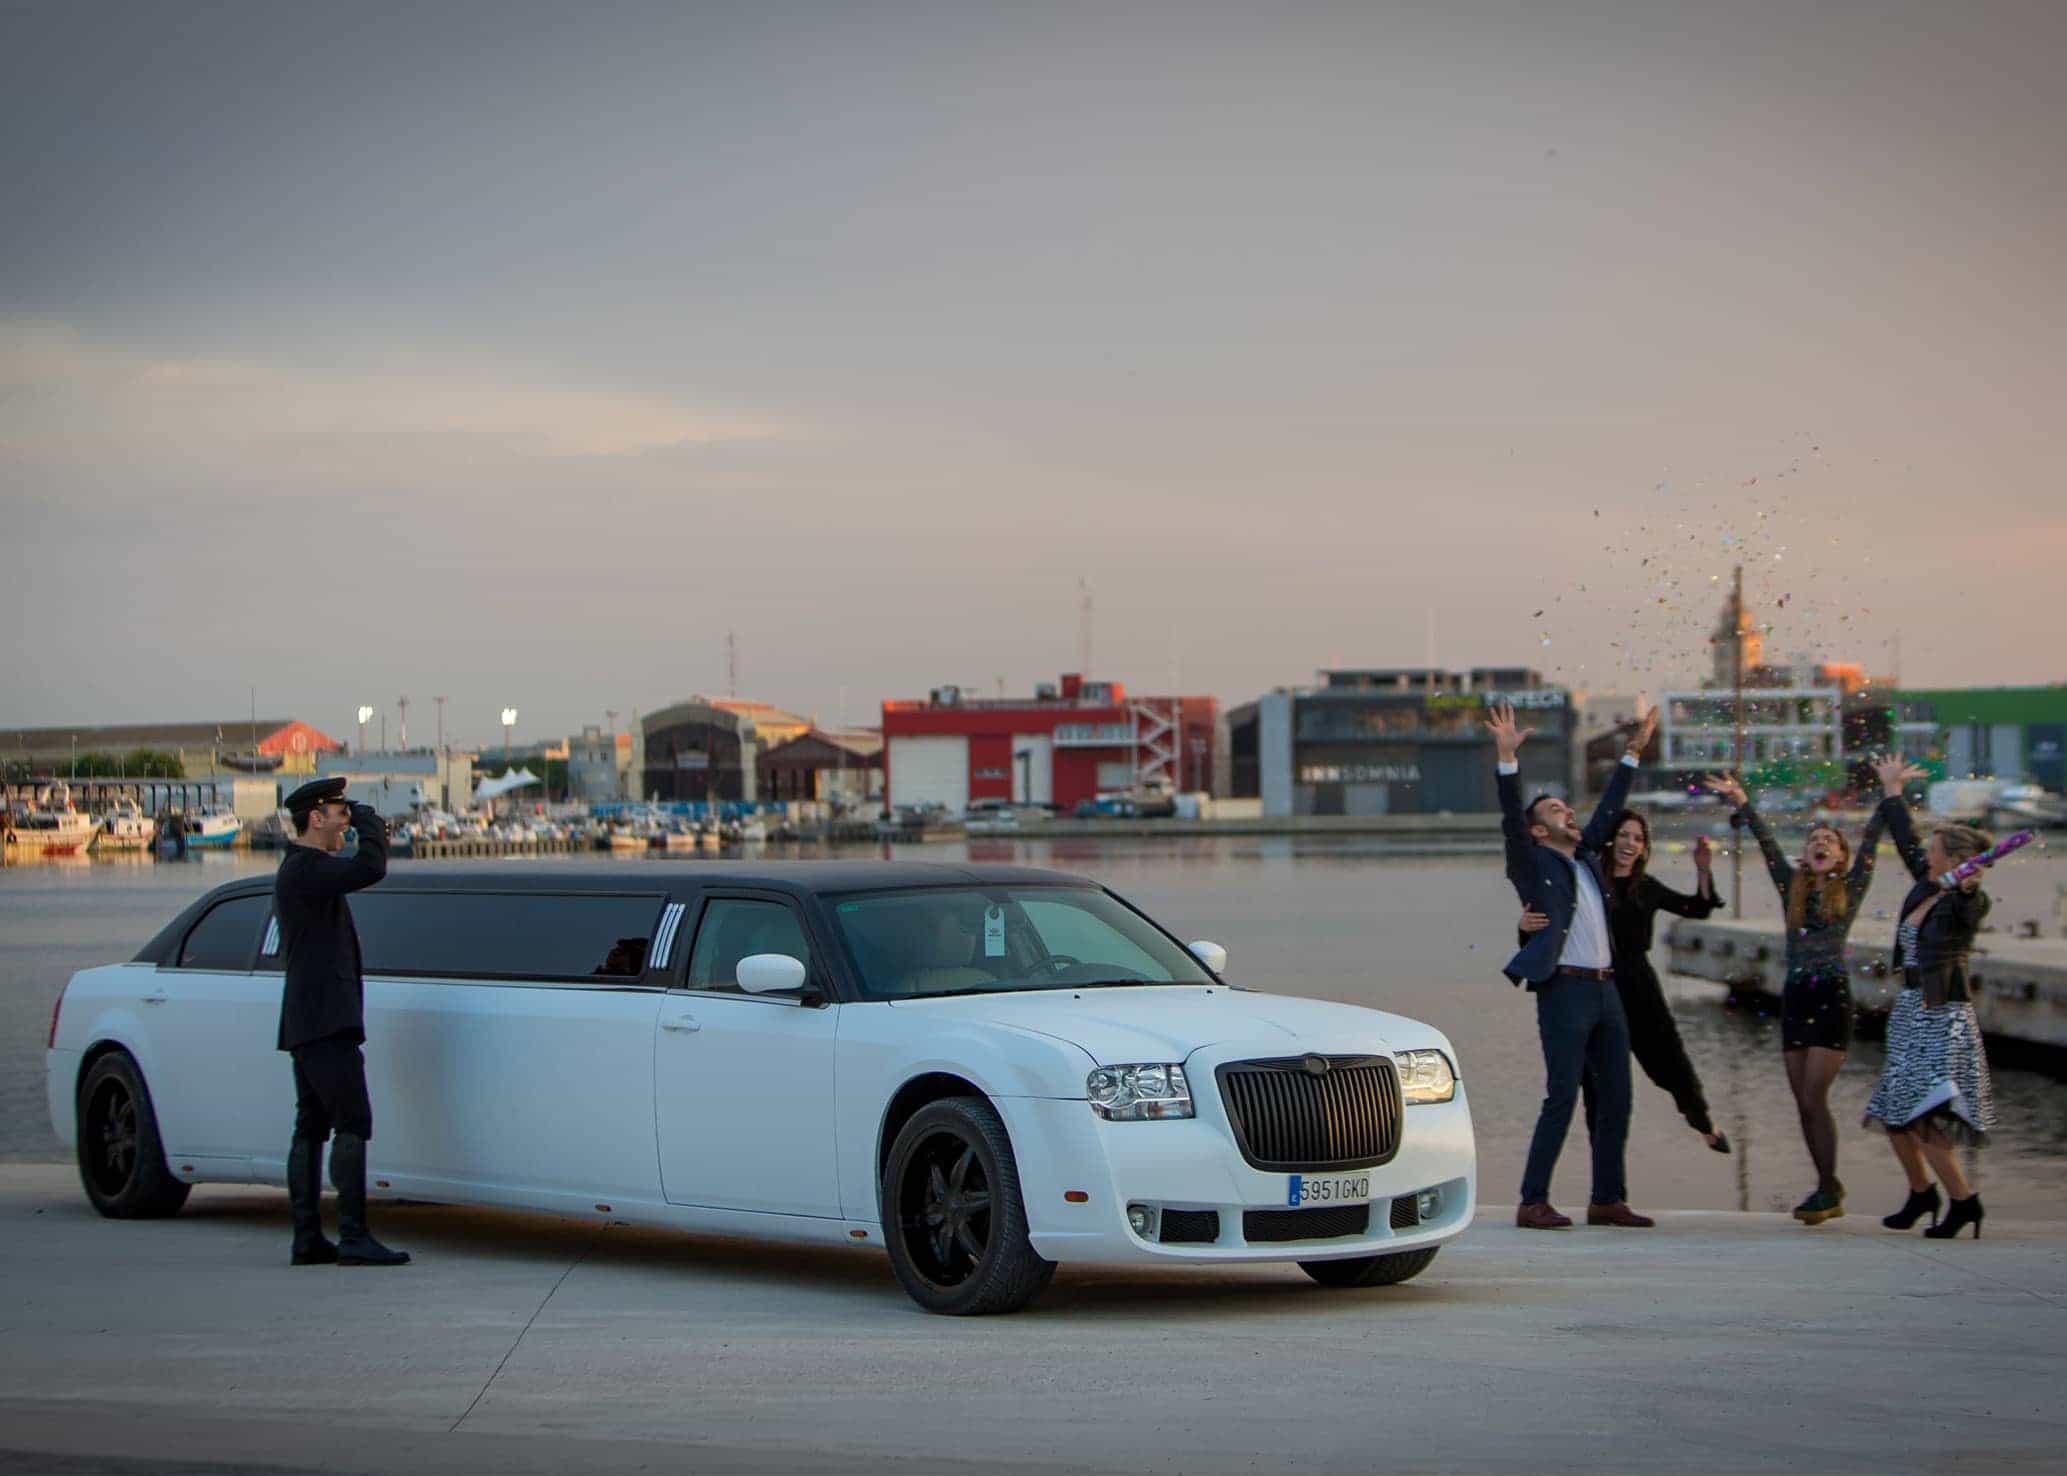 Limusina Chrysler Blanca imagen 1